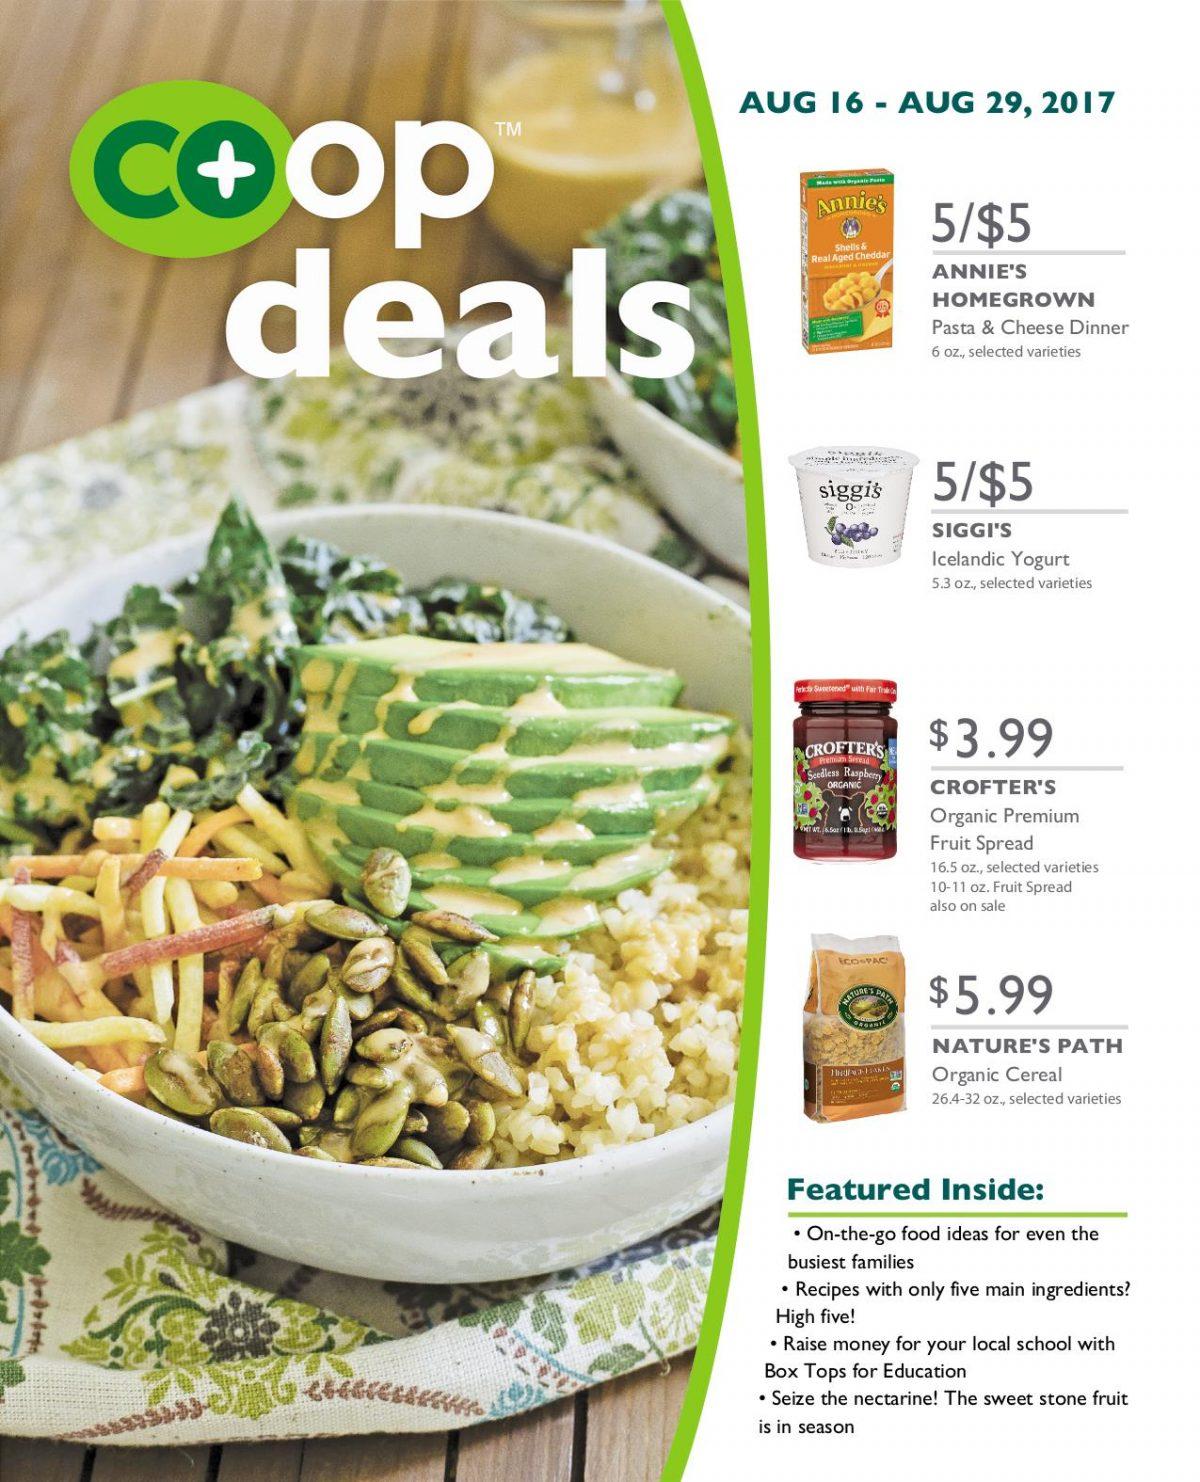 Co+op Deals Aug 2017 Flyer B